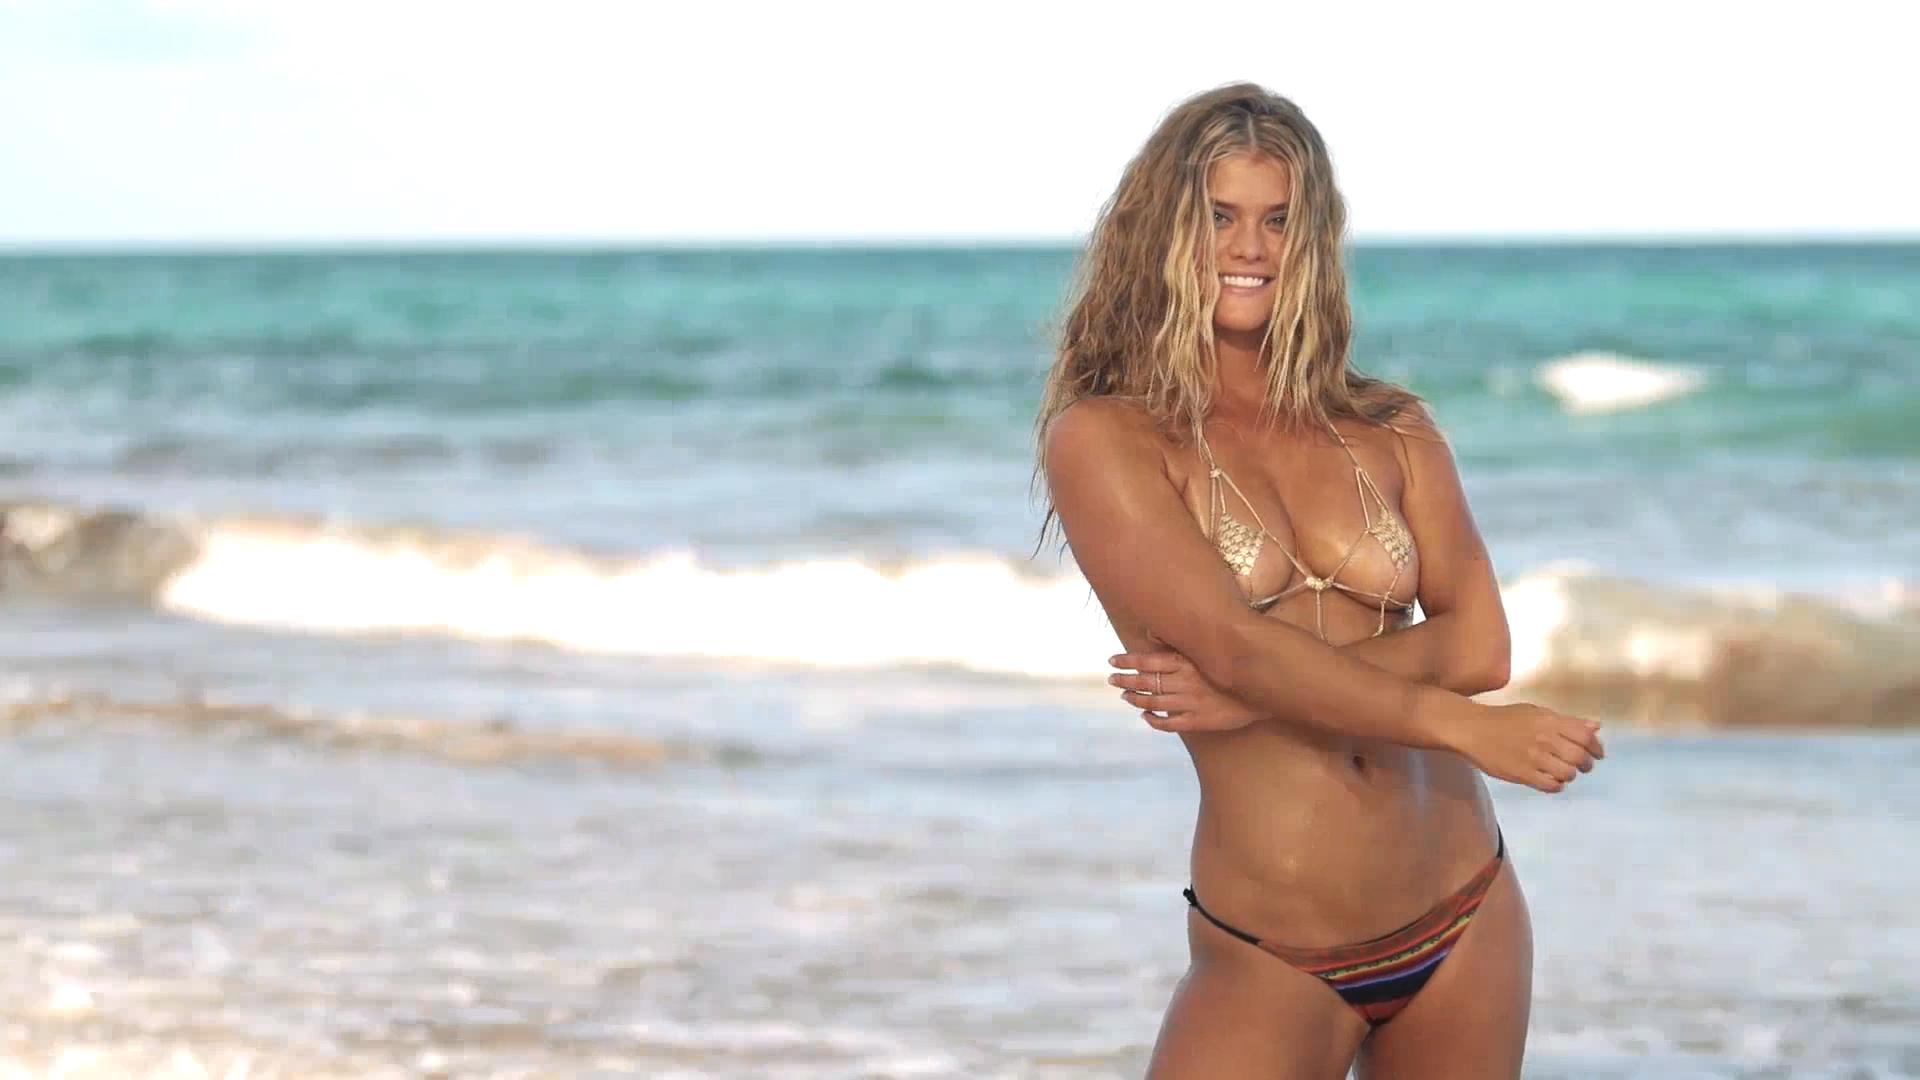 Maria bellucci 14 as aventuras sexuals de ulysses sc1 - 2 part 3